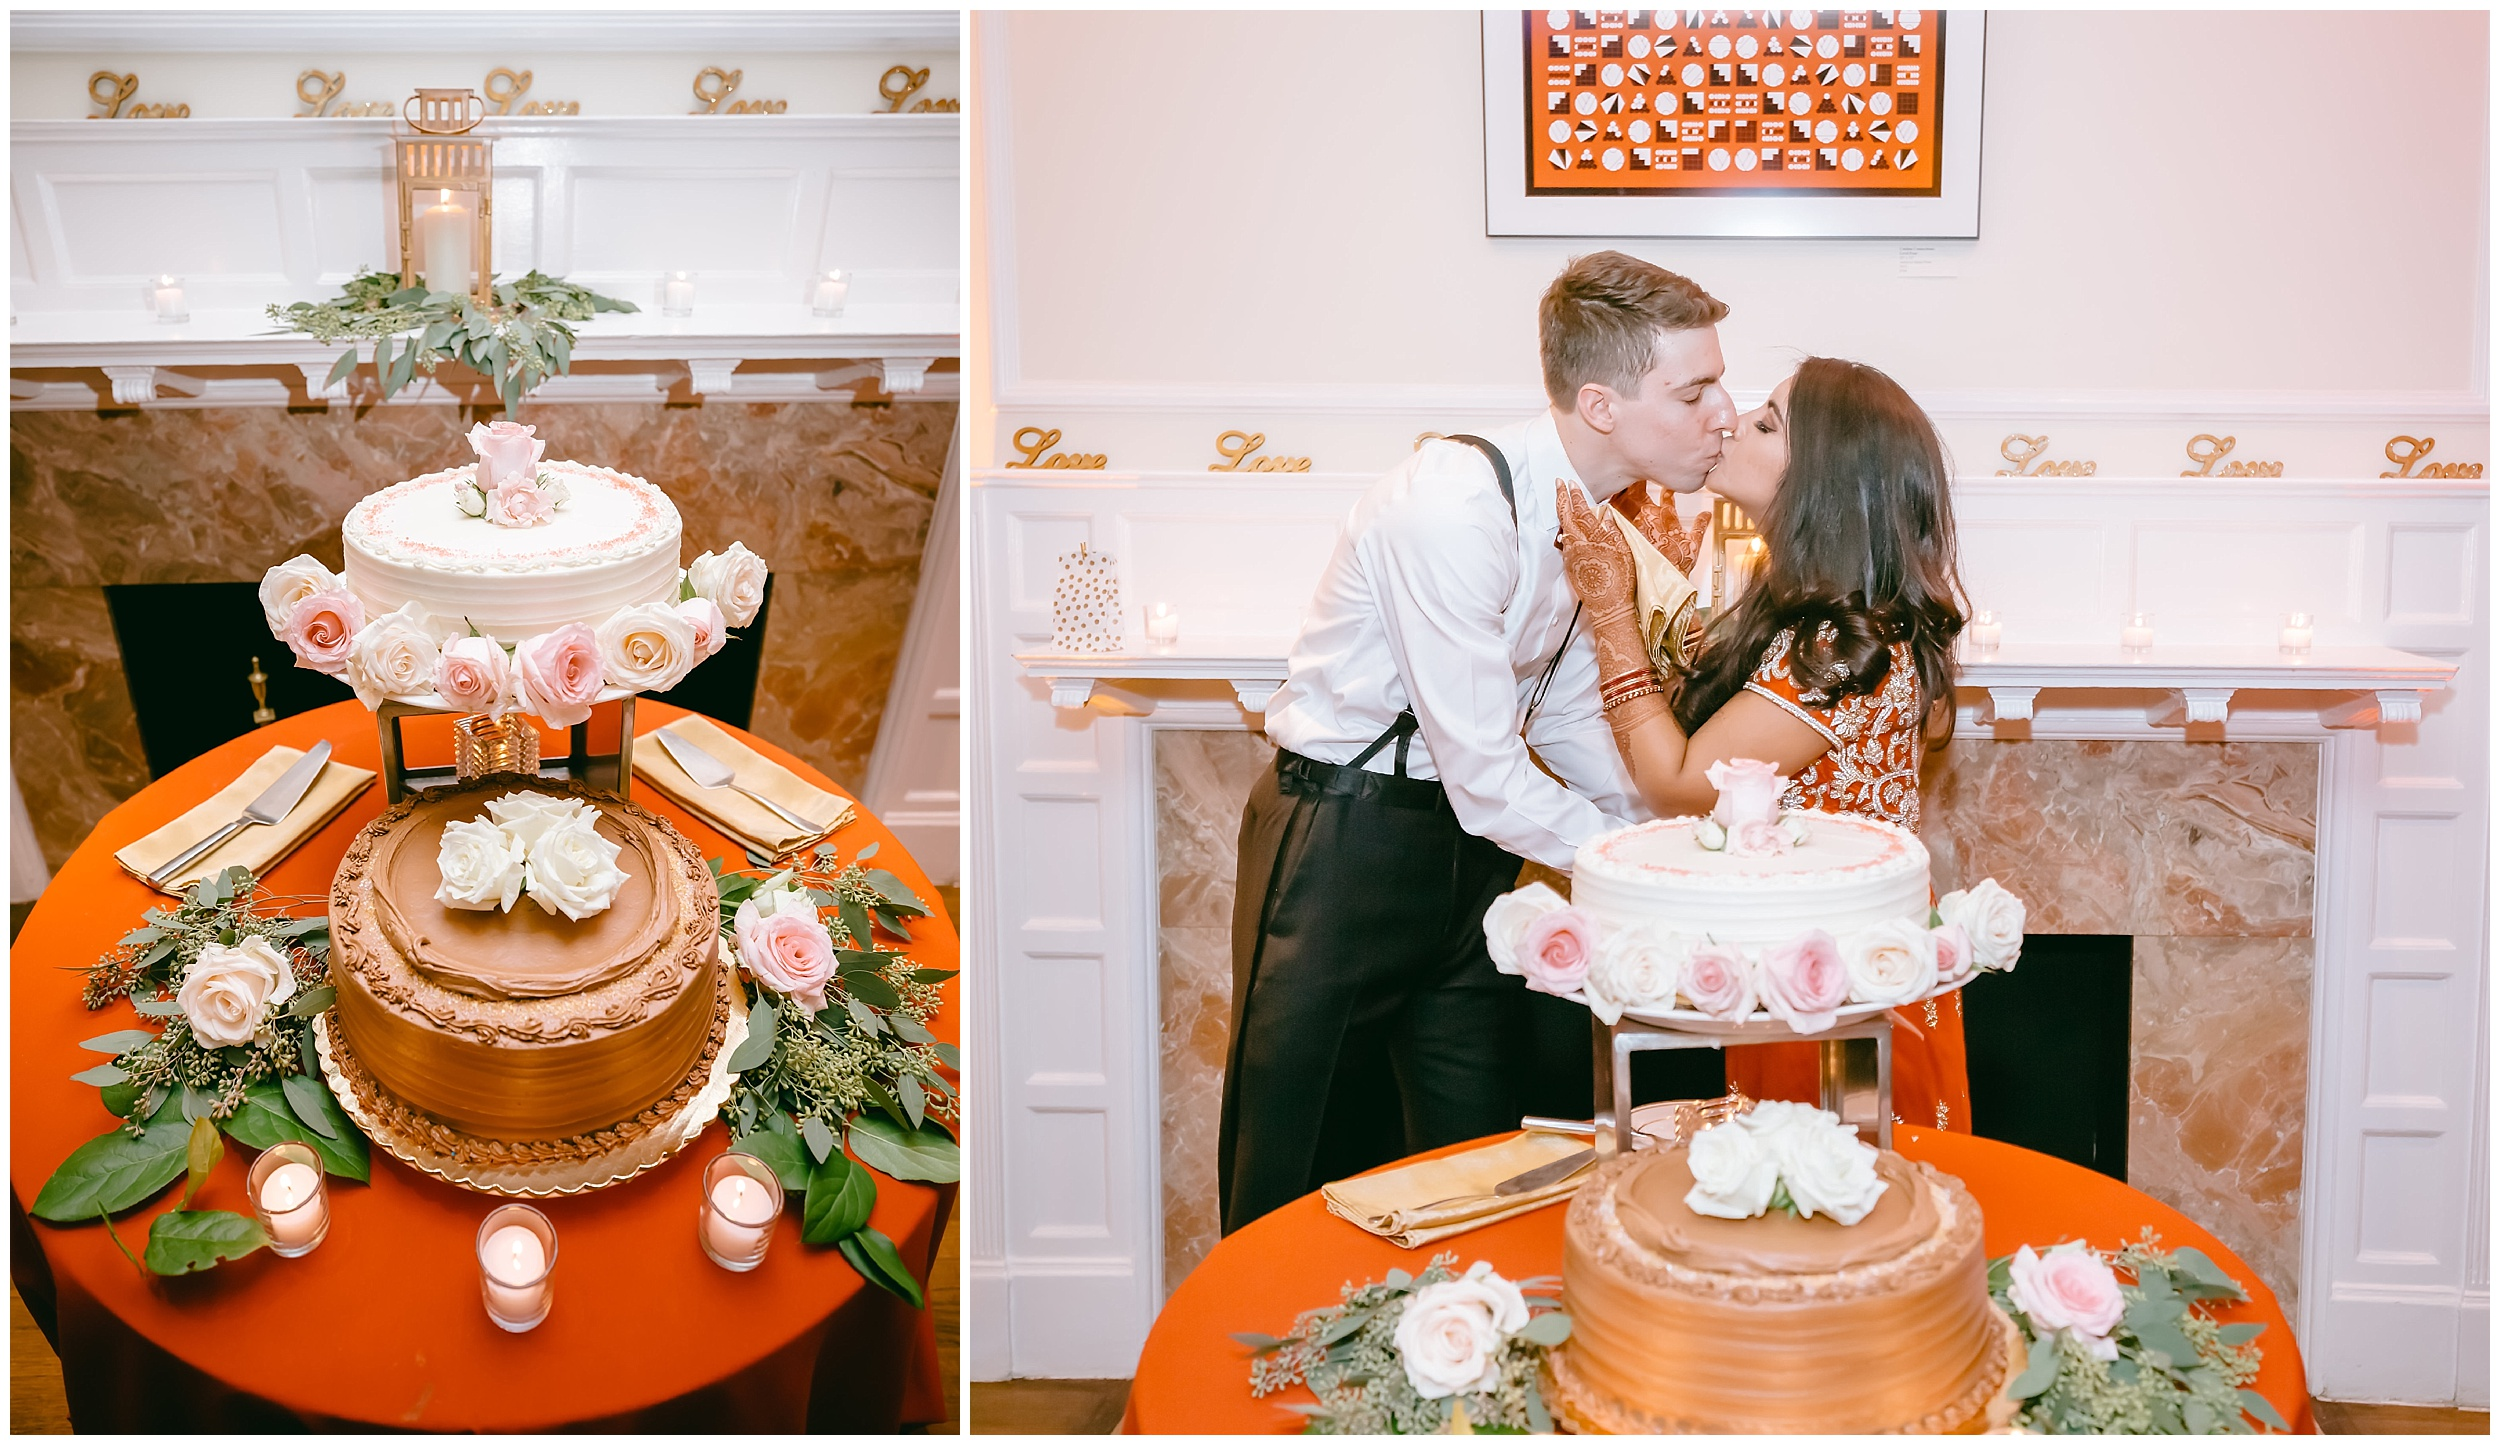 cake cutting Whittemore House wedding Washington DC